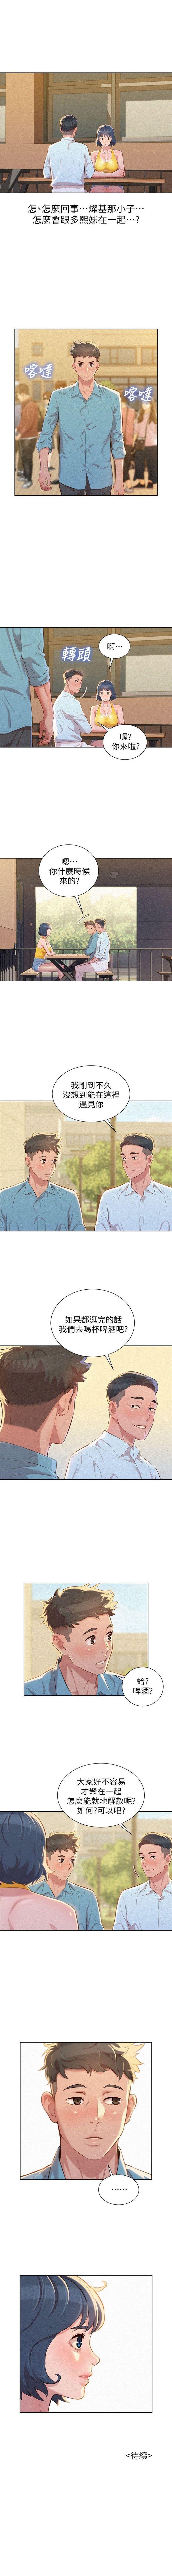 (周7)漂亮干姐姐  1-81 中文翻译 (更新中) 222